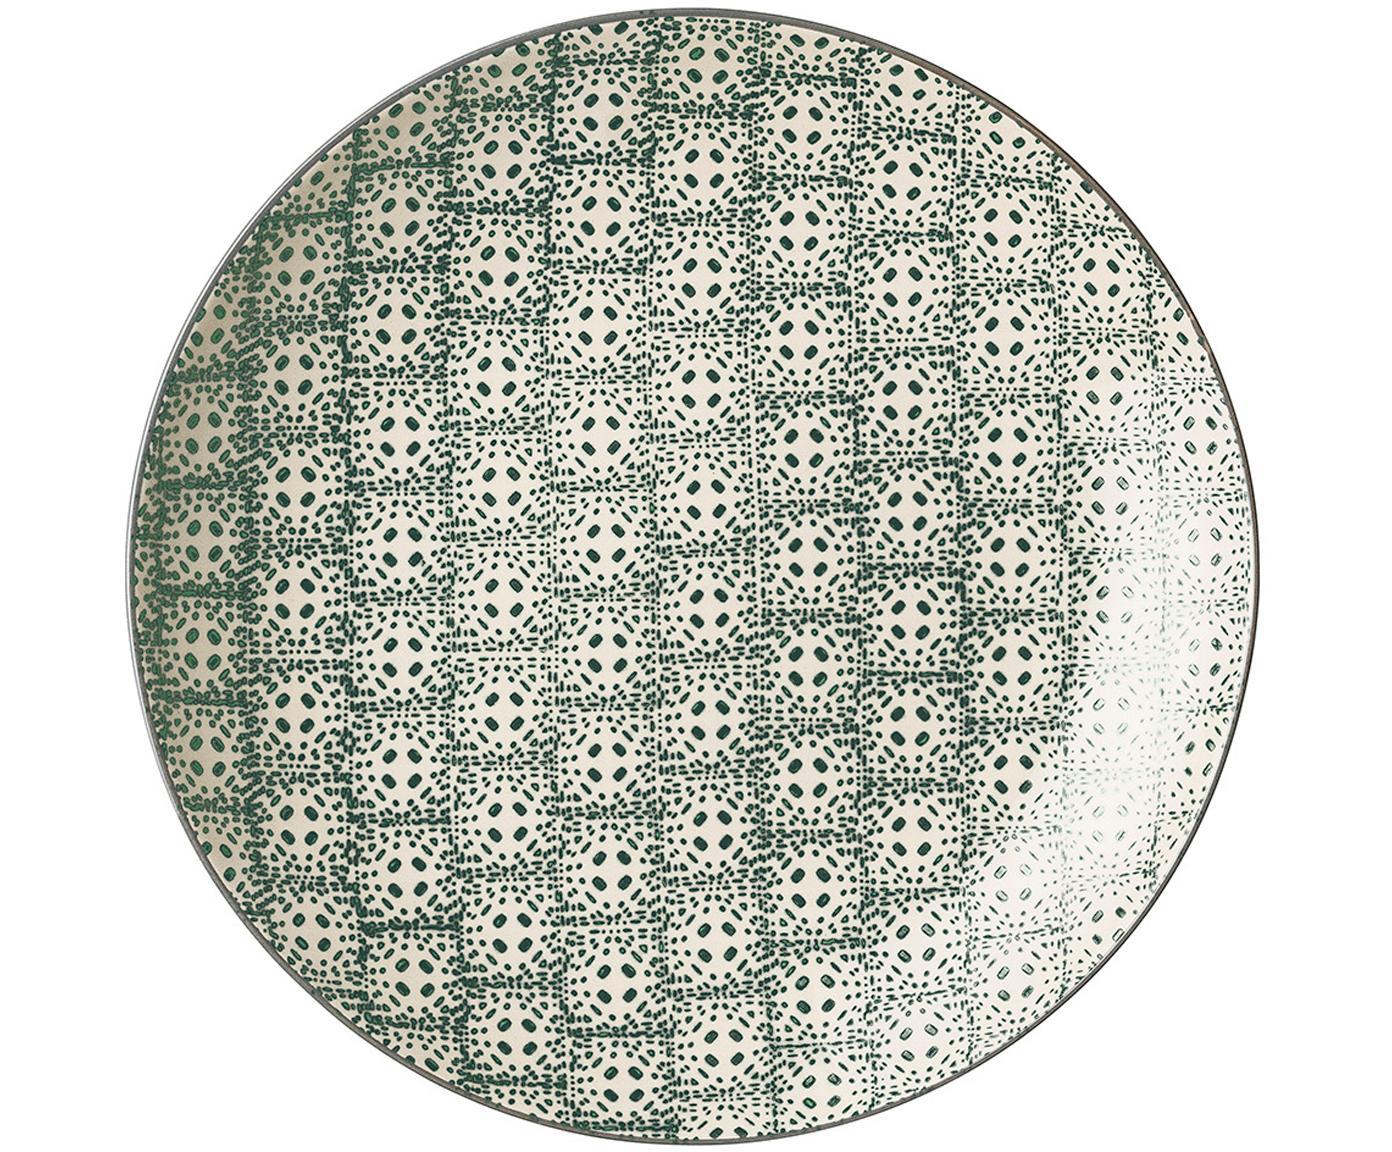 Set 4 piatti piani Karine, Terracotta, Multicolore, Ø 25 cm